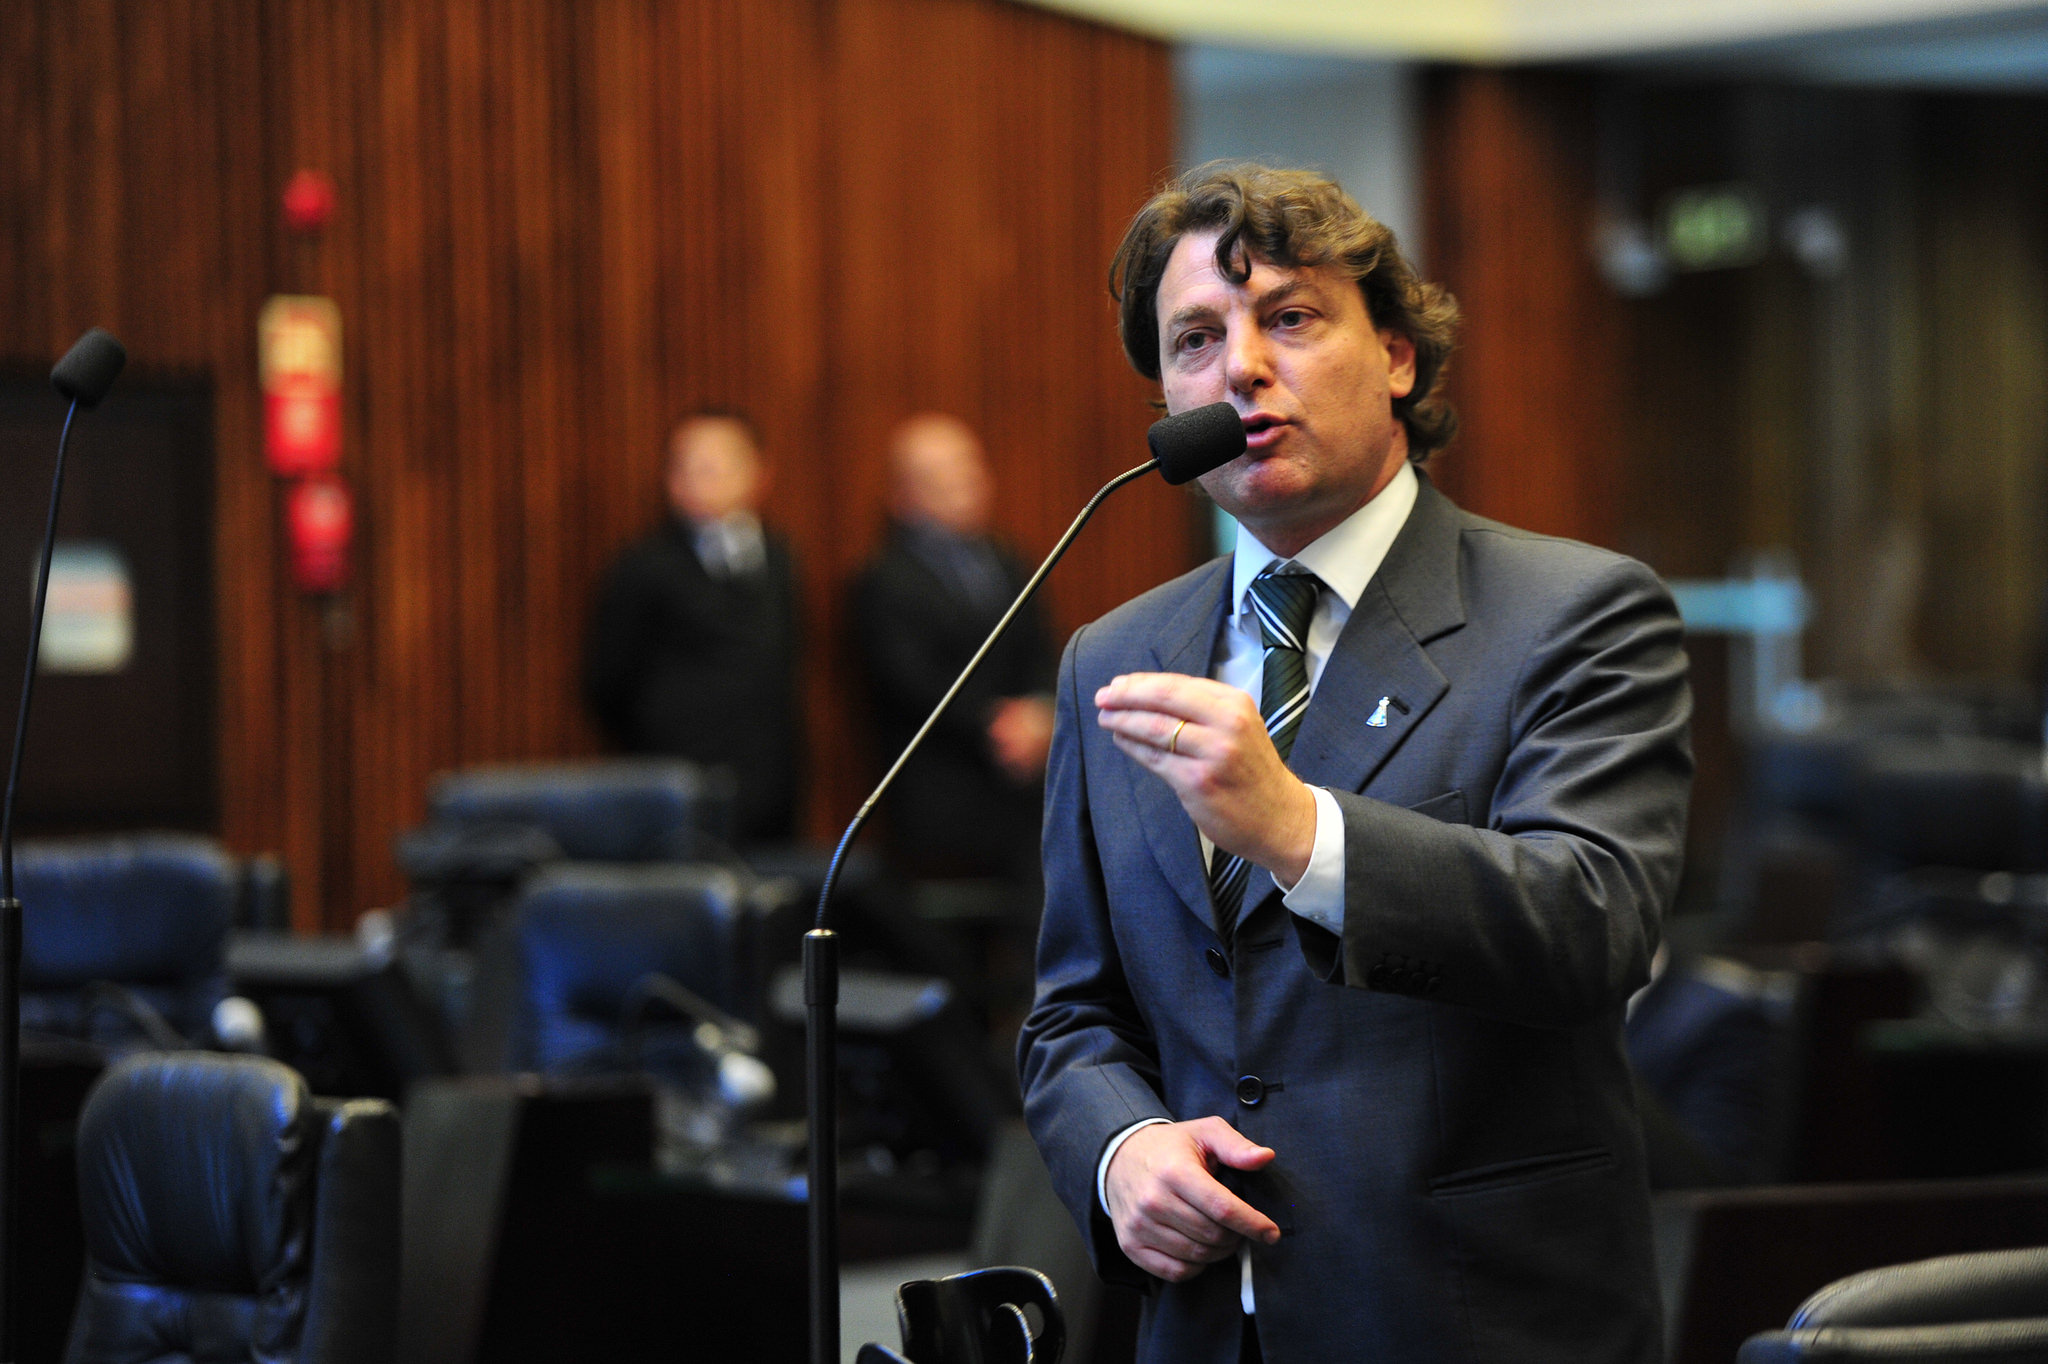 Assembleia Legislativa aprova projeto de lei do deputado Anibelli Neto que prevê campanhas informativas contra o câncer de pele nos cinemas